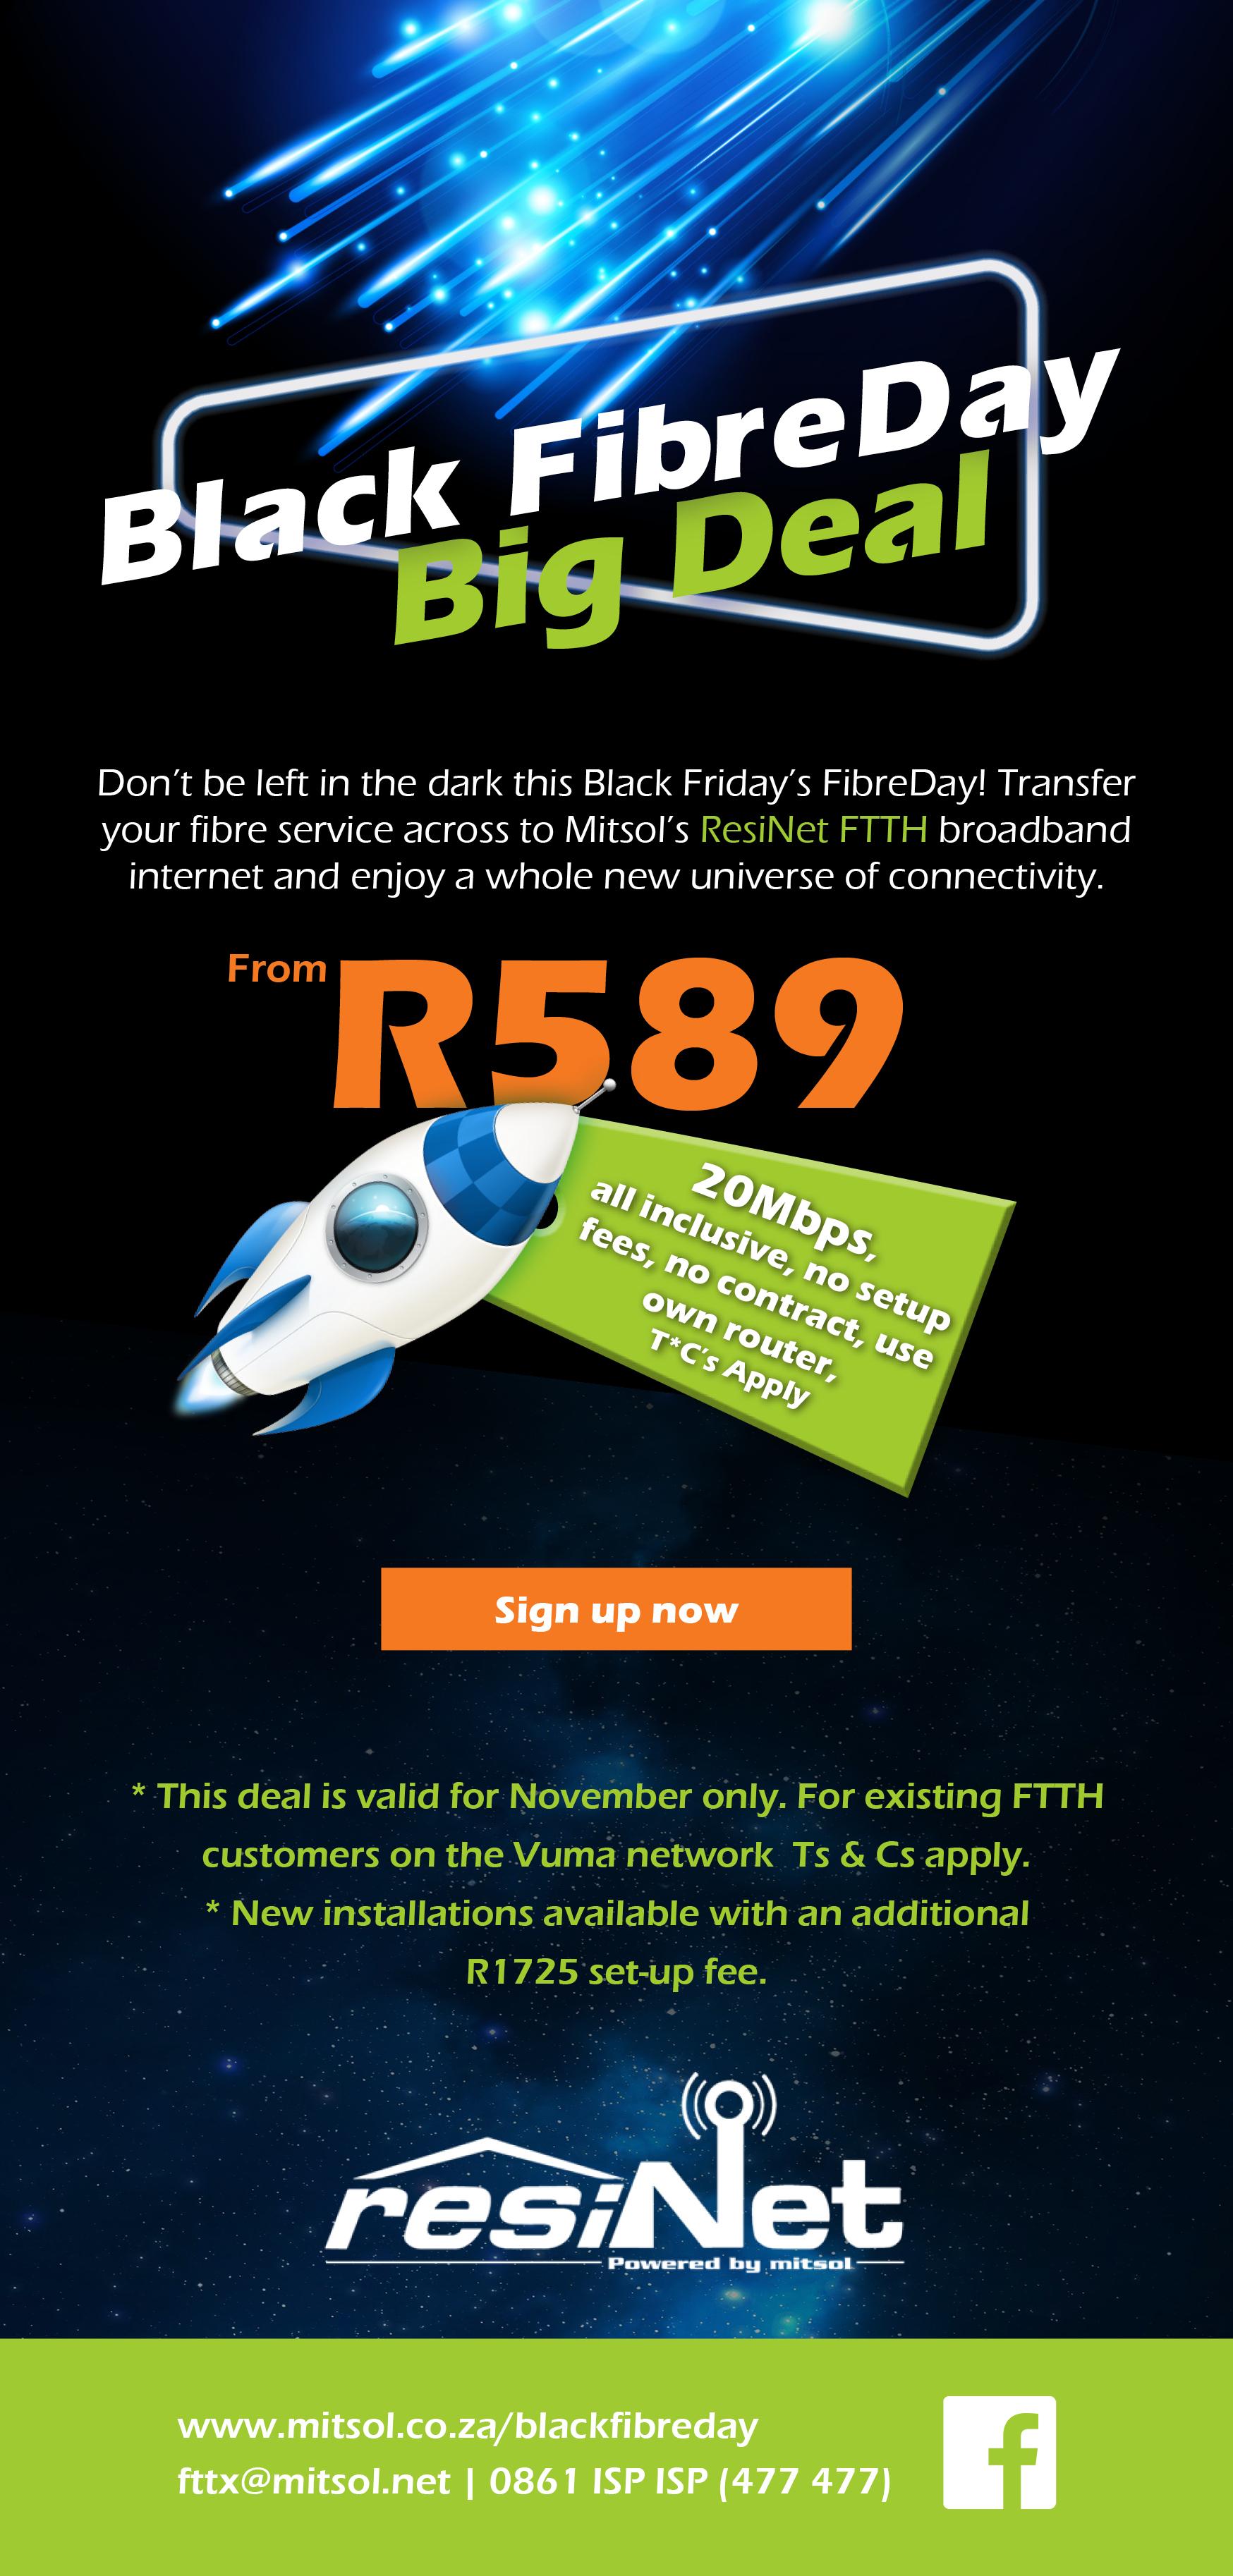 Black Fibre Day Big Deal - Black Friday